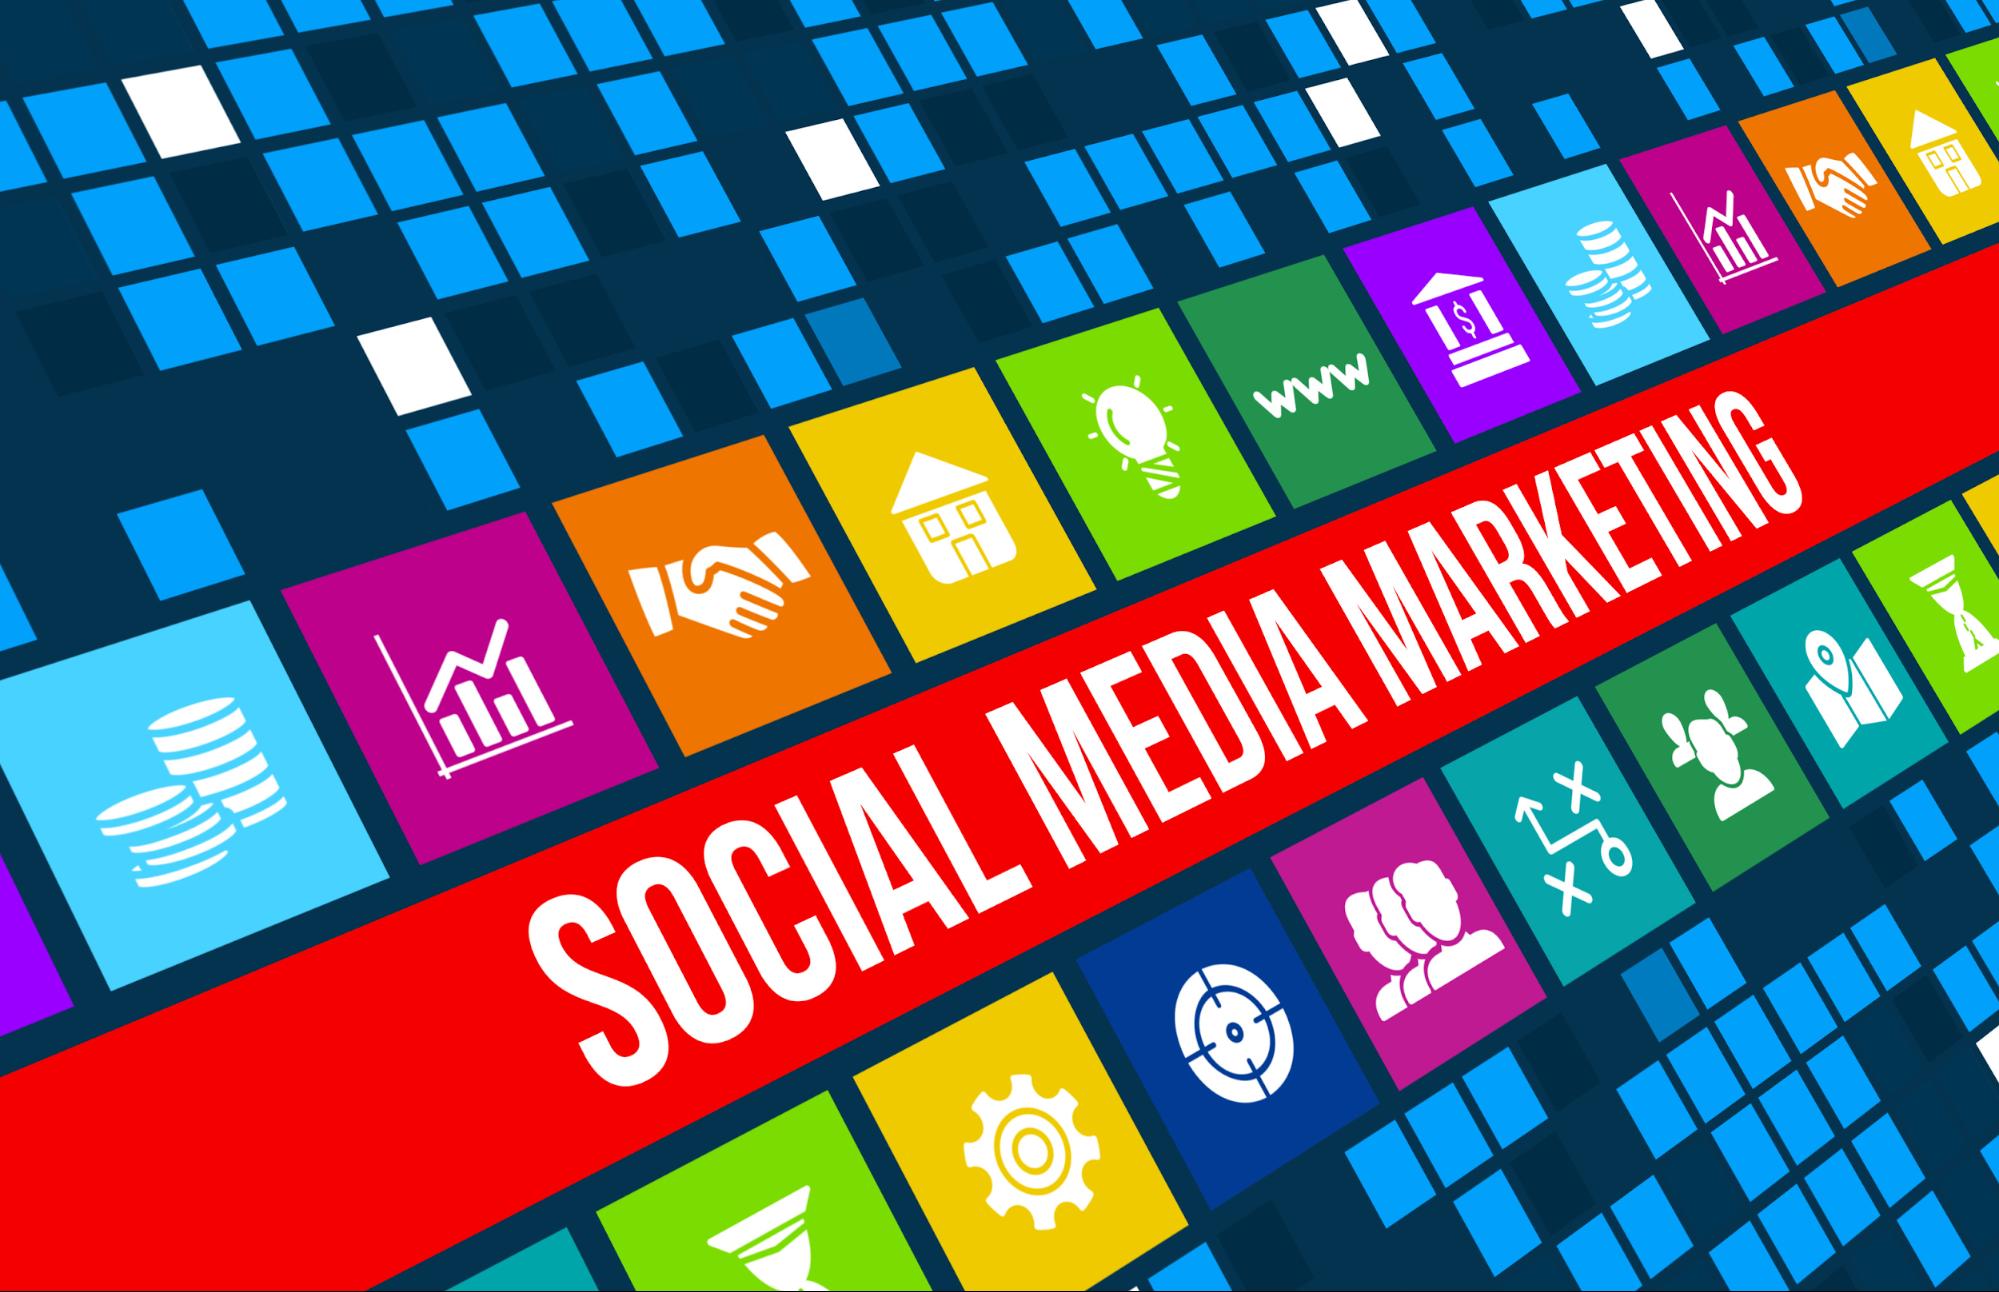 Media Marketing mang đến rất nhiều lợi ích cho người sử dụng